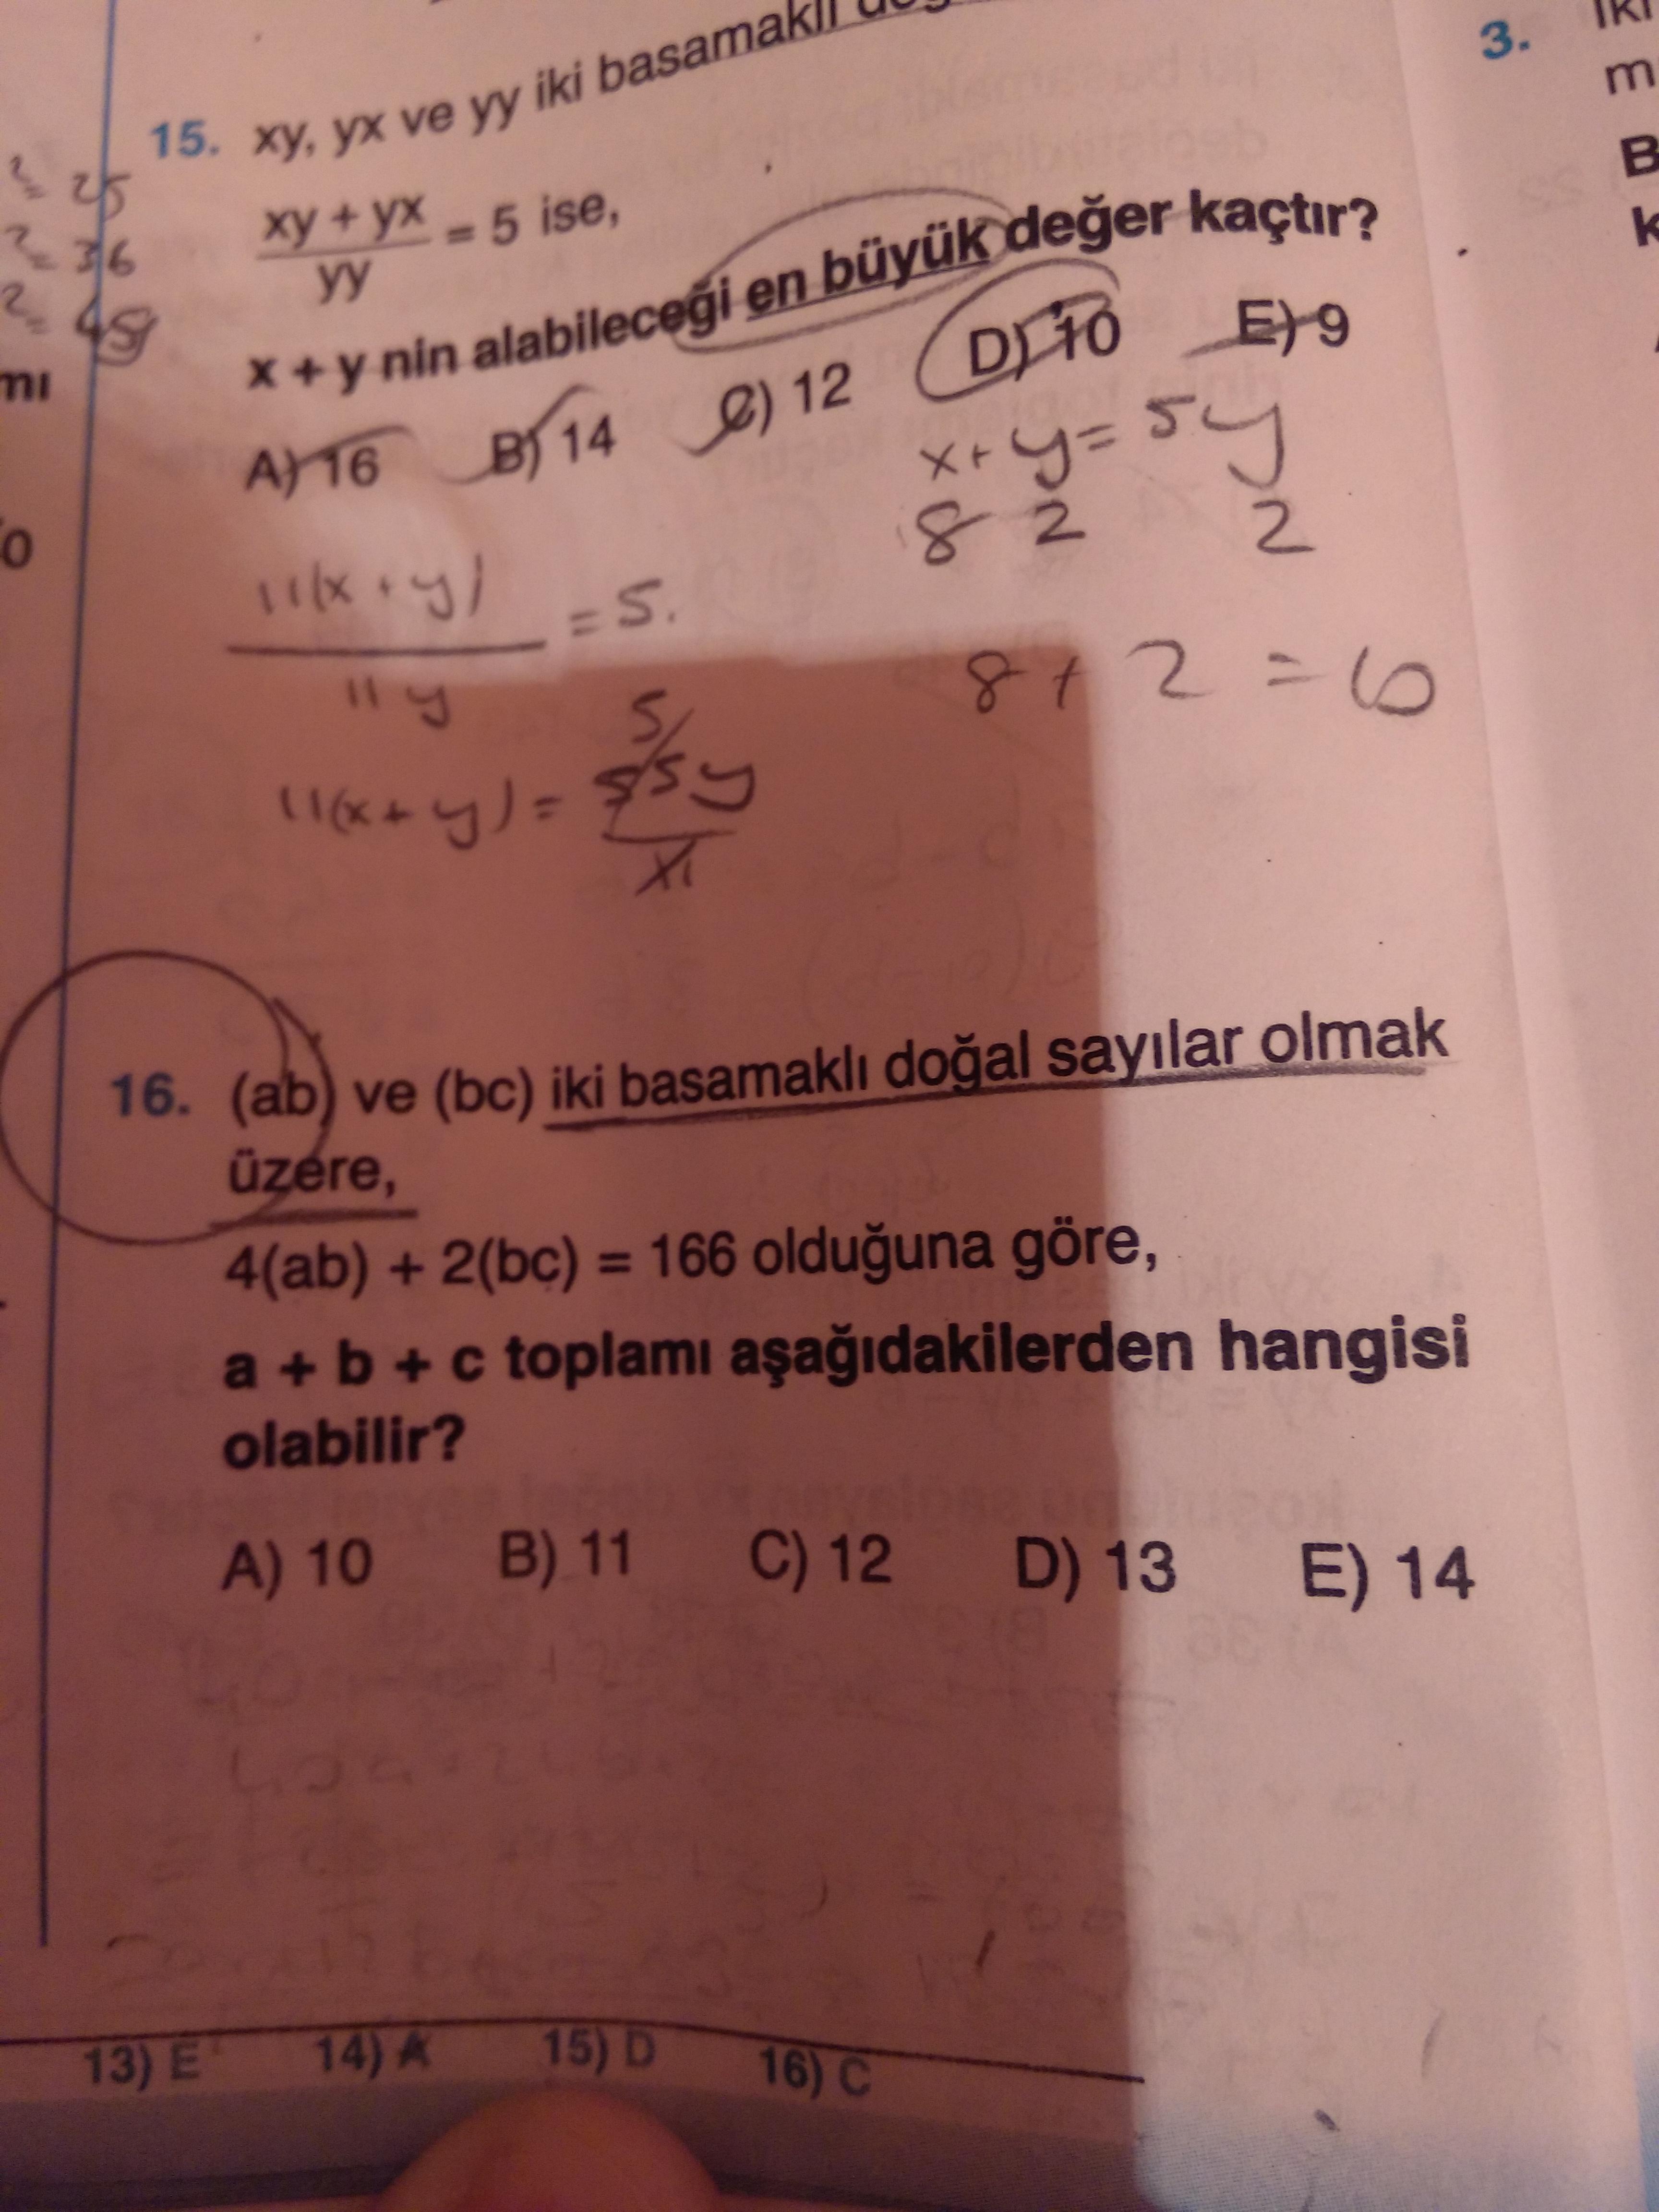 4(ab)+2(bc)=166